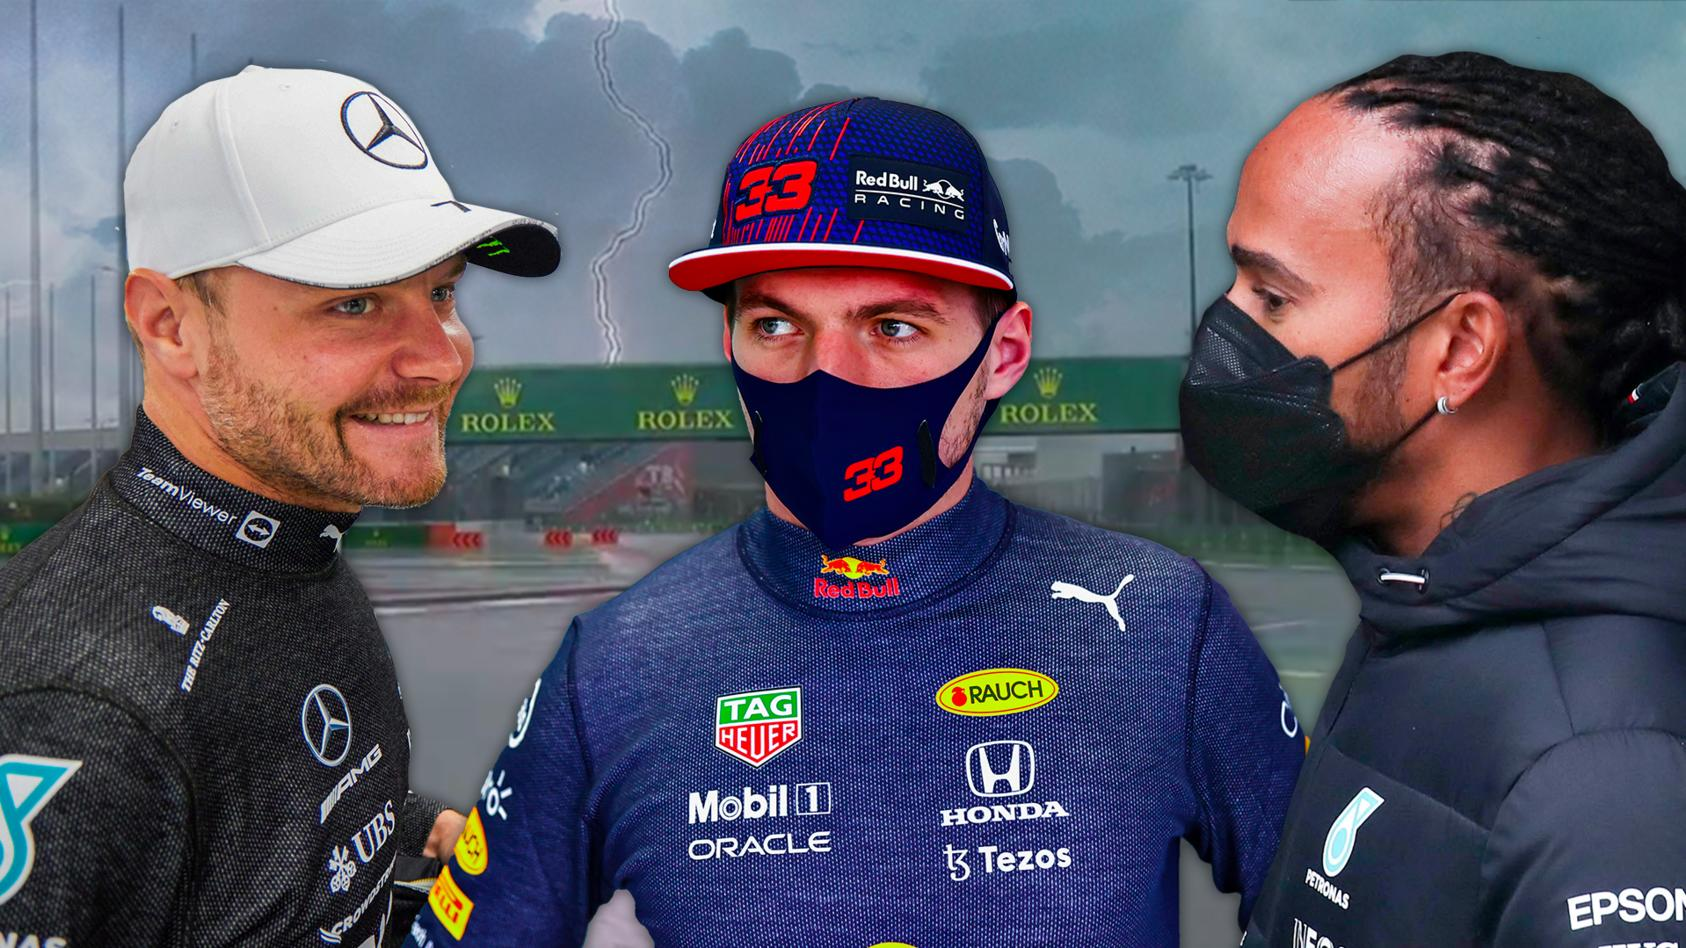 Valtteri Bottas, Max Verstappen oder Lewis Hamilton - wer hat im Regen von Sotschi den Durchblick?